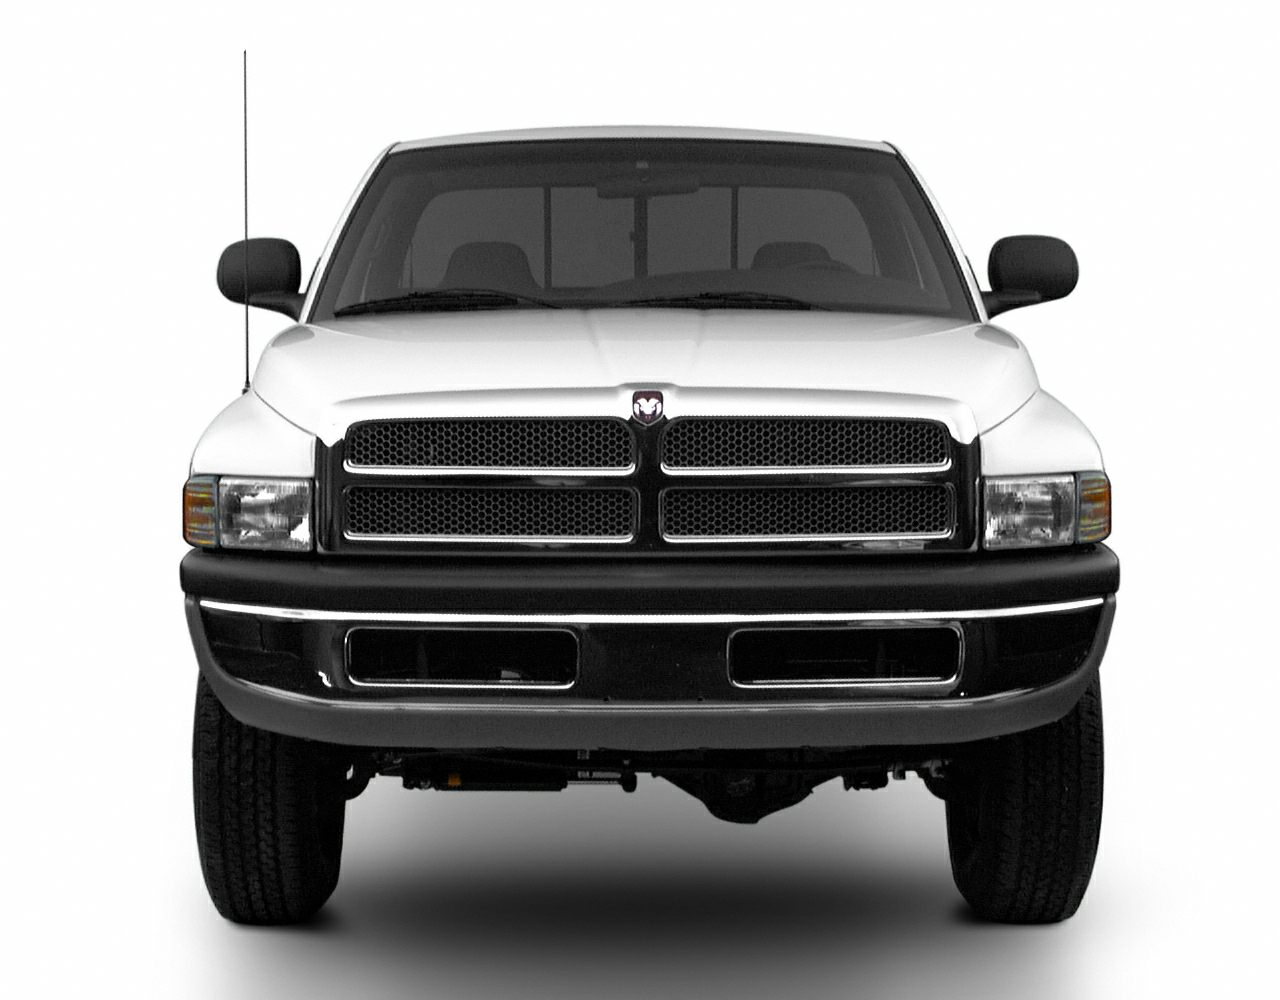 2000 dodge ram 2500 slt 4x2 regular cab 134 7 in wb pictures. Black Bedroom Furniture Sets. Home Design Ideas